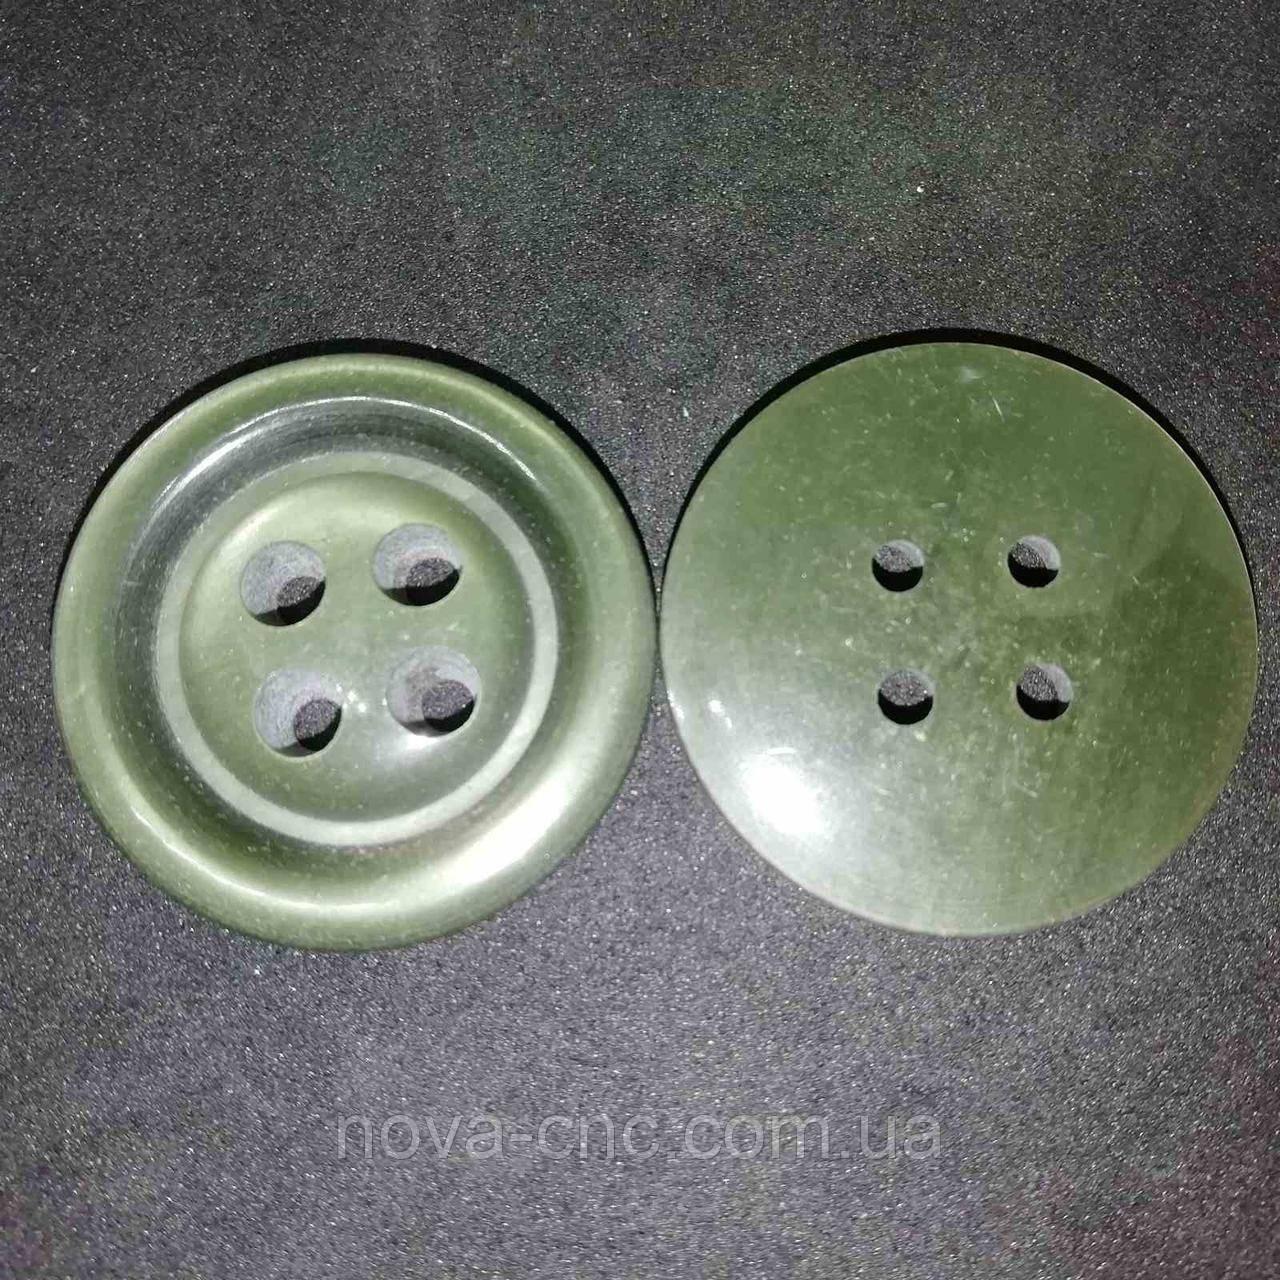 Пуговица пластмассовая 27 мм Цвет хаки зеленый Упаковка 170 штук